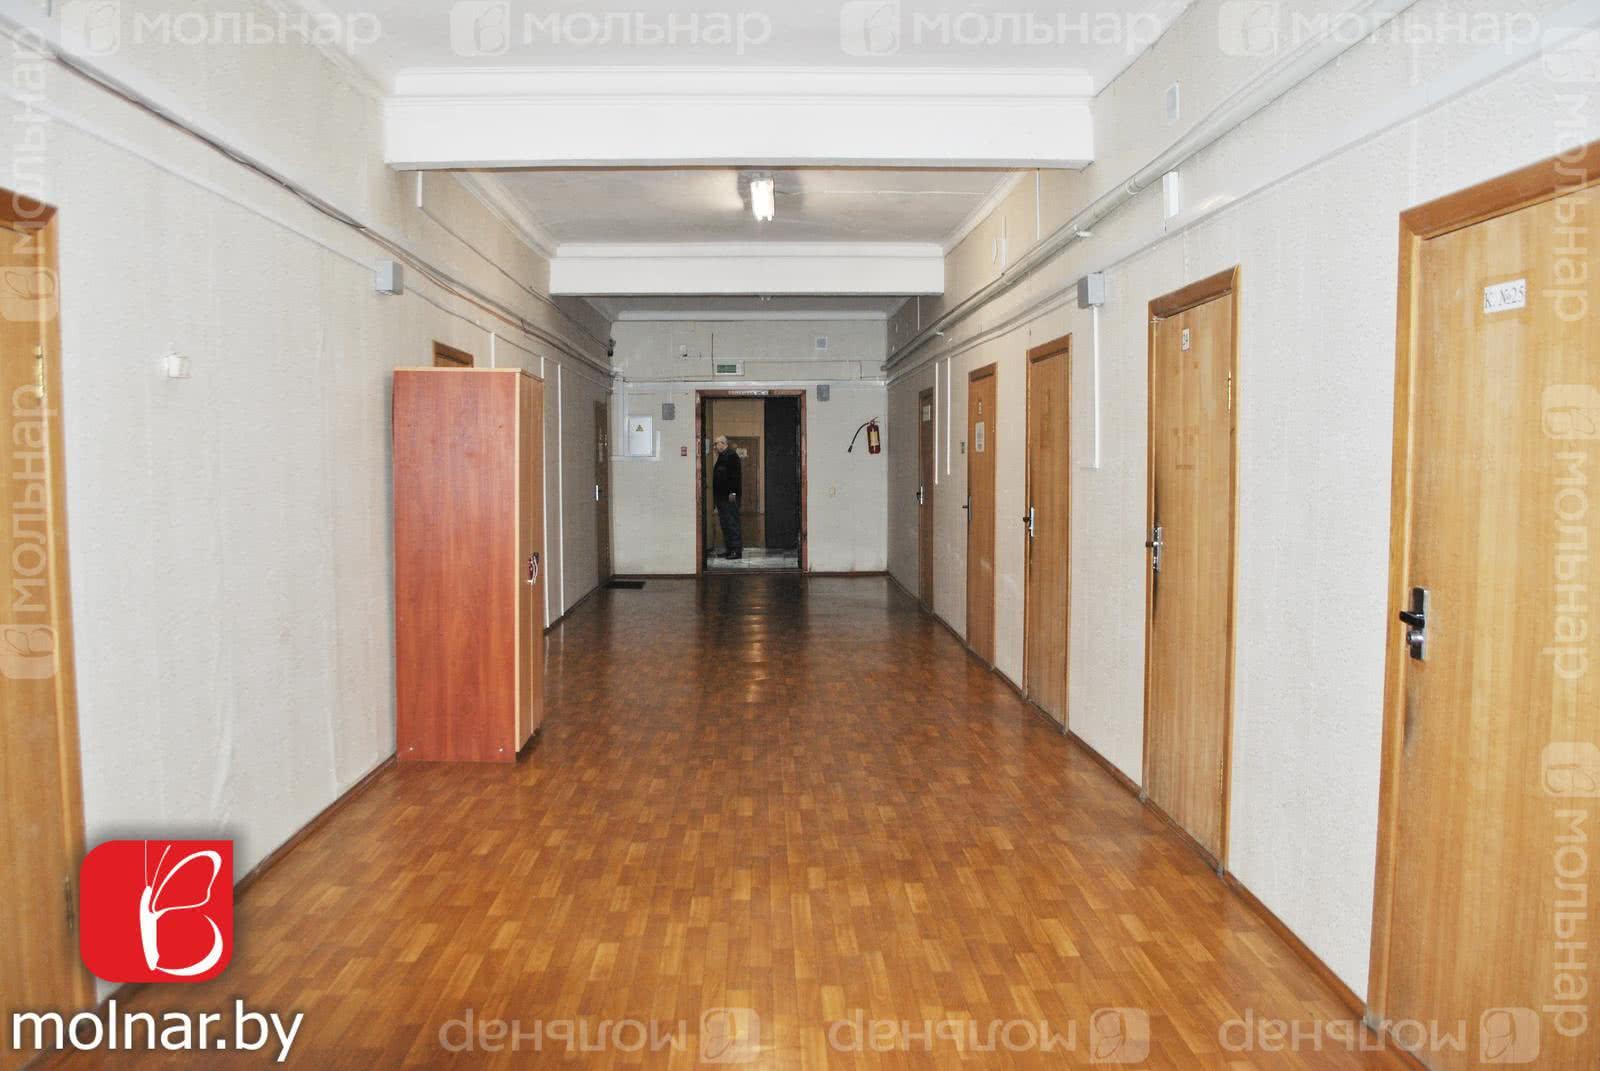 Купить складское помещение на ул. Полевая, д. 24 в Минске - фото 2